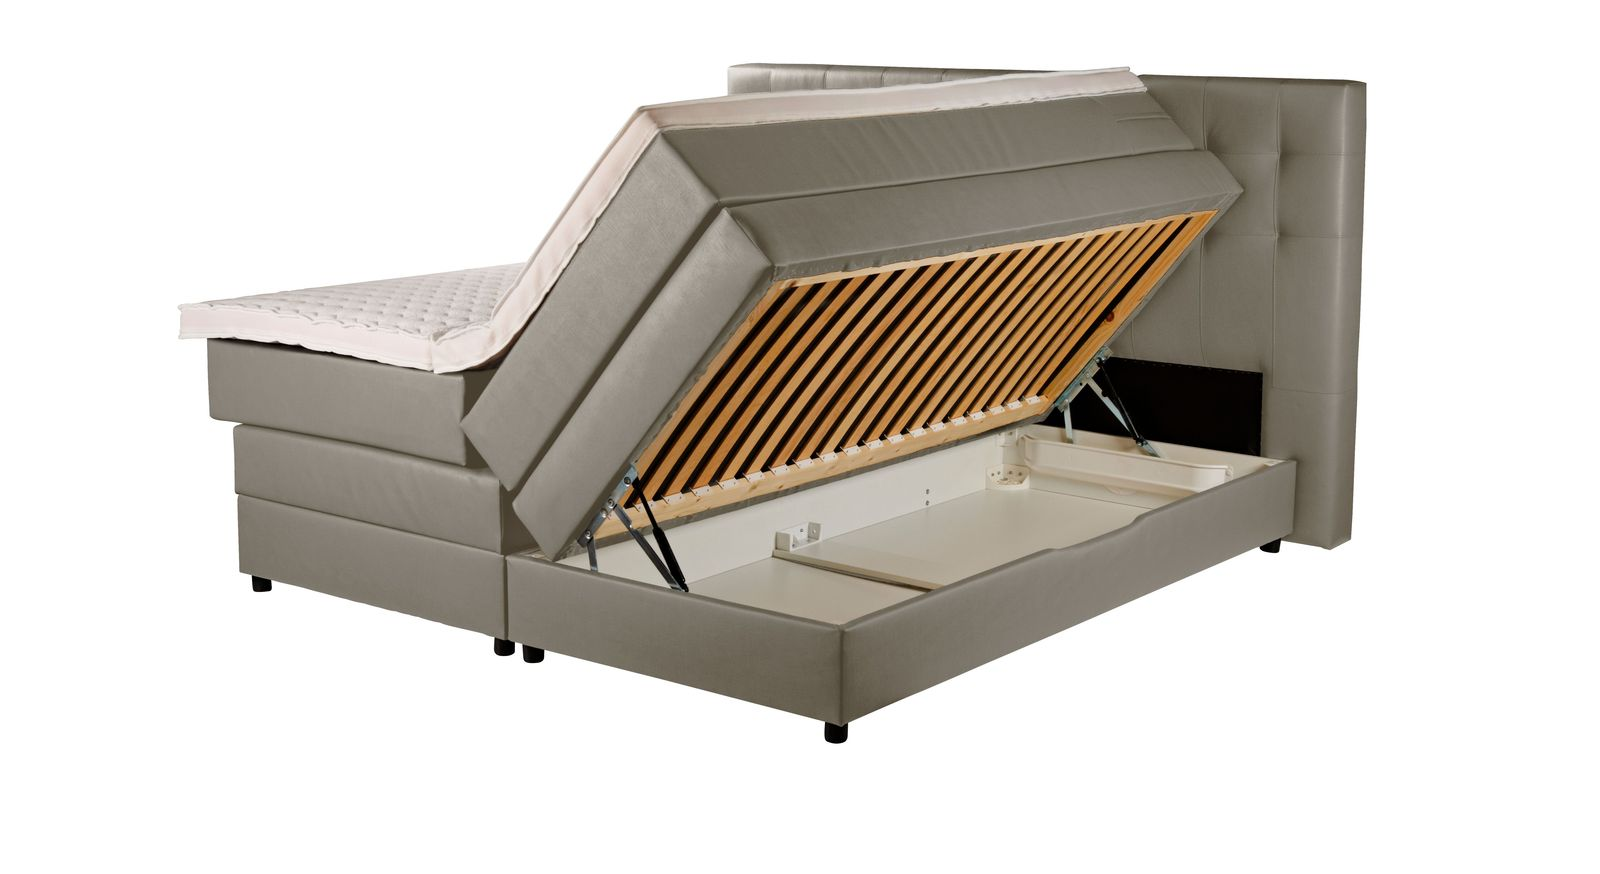 Boxspringbett Portmore mit geräumigem Bettkasten